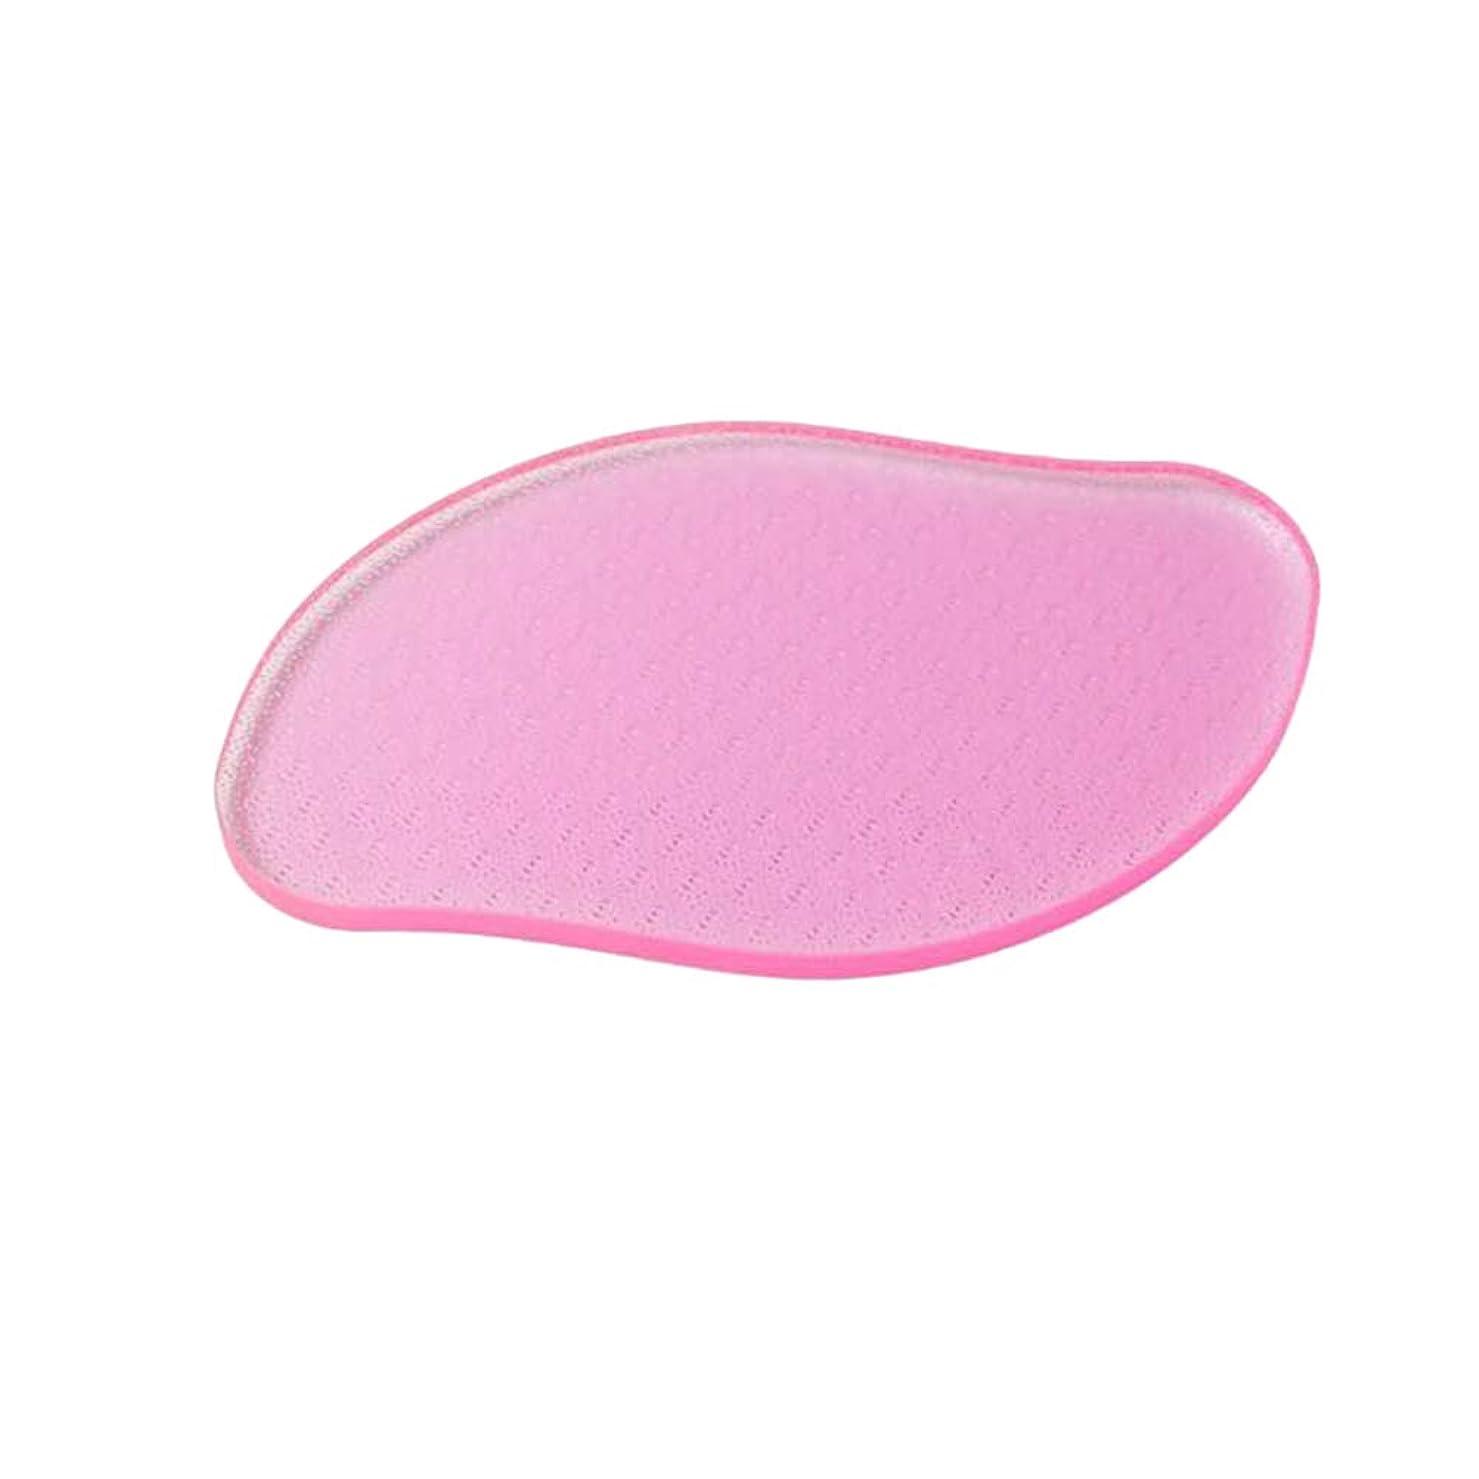 敬軽気を散らすHealifty 足カルスリムーバー剥離ツール(ピンク)